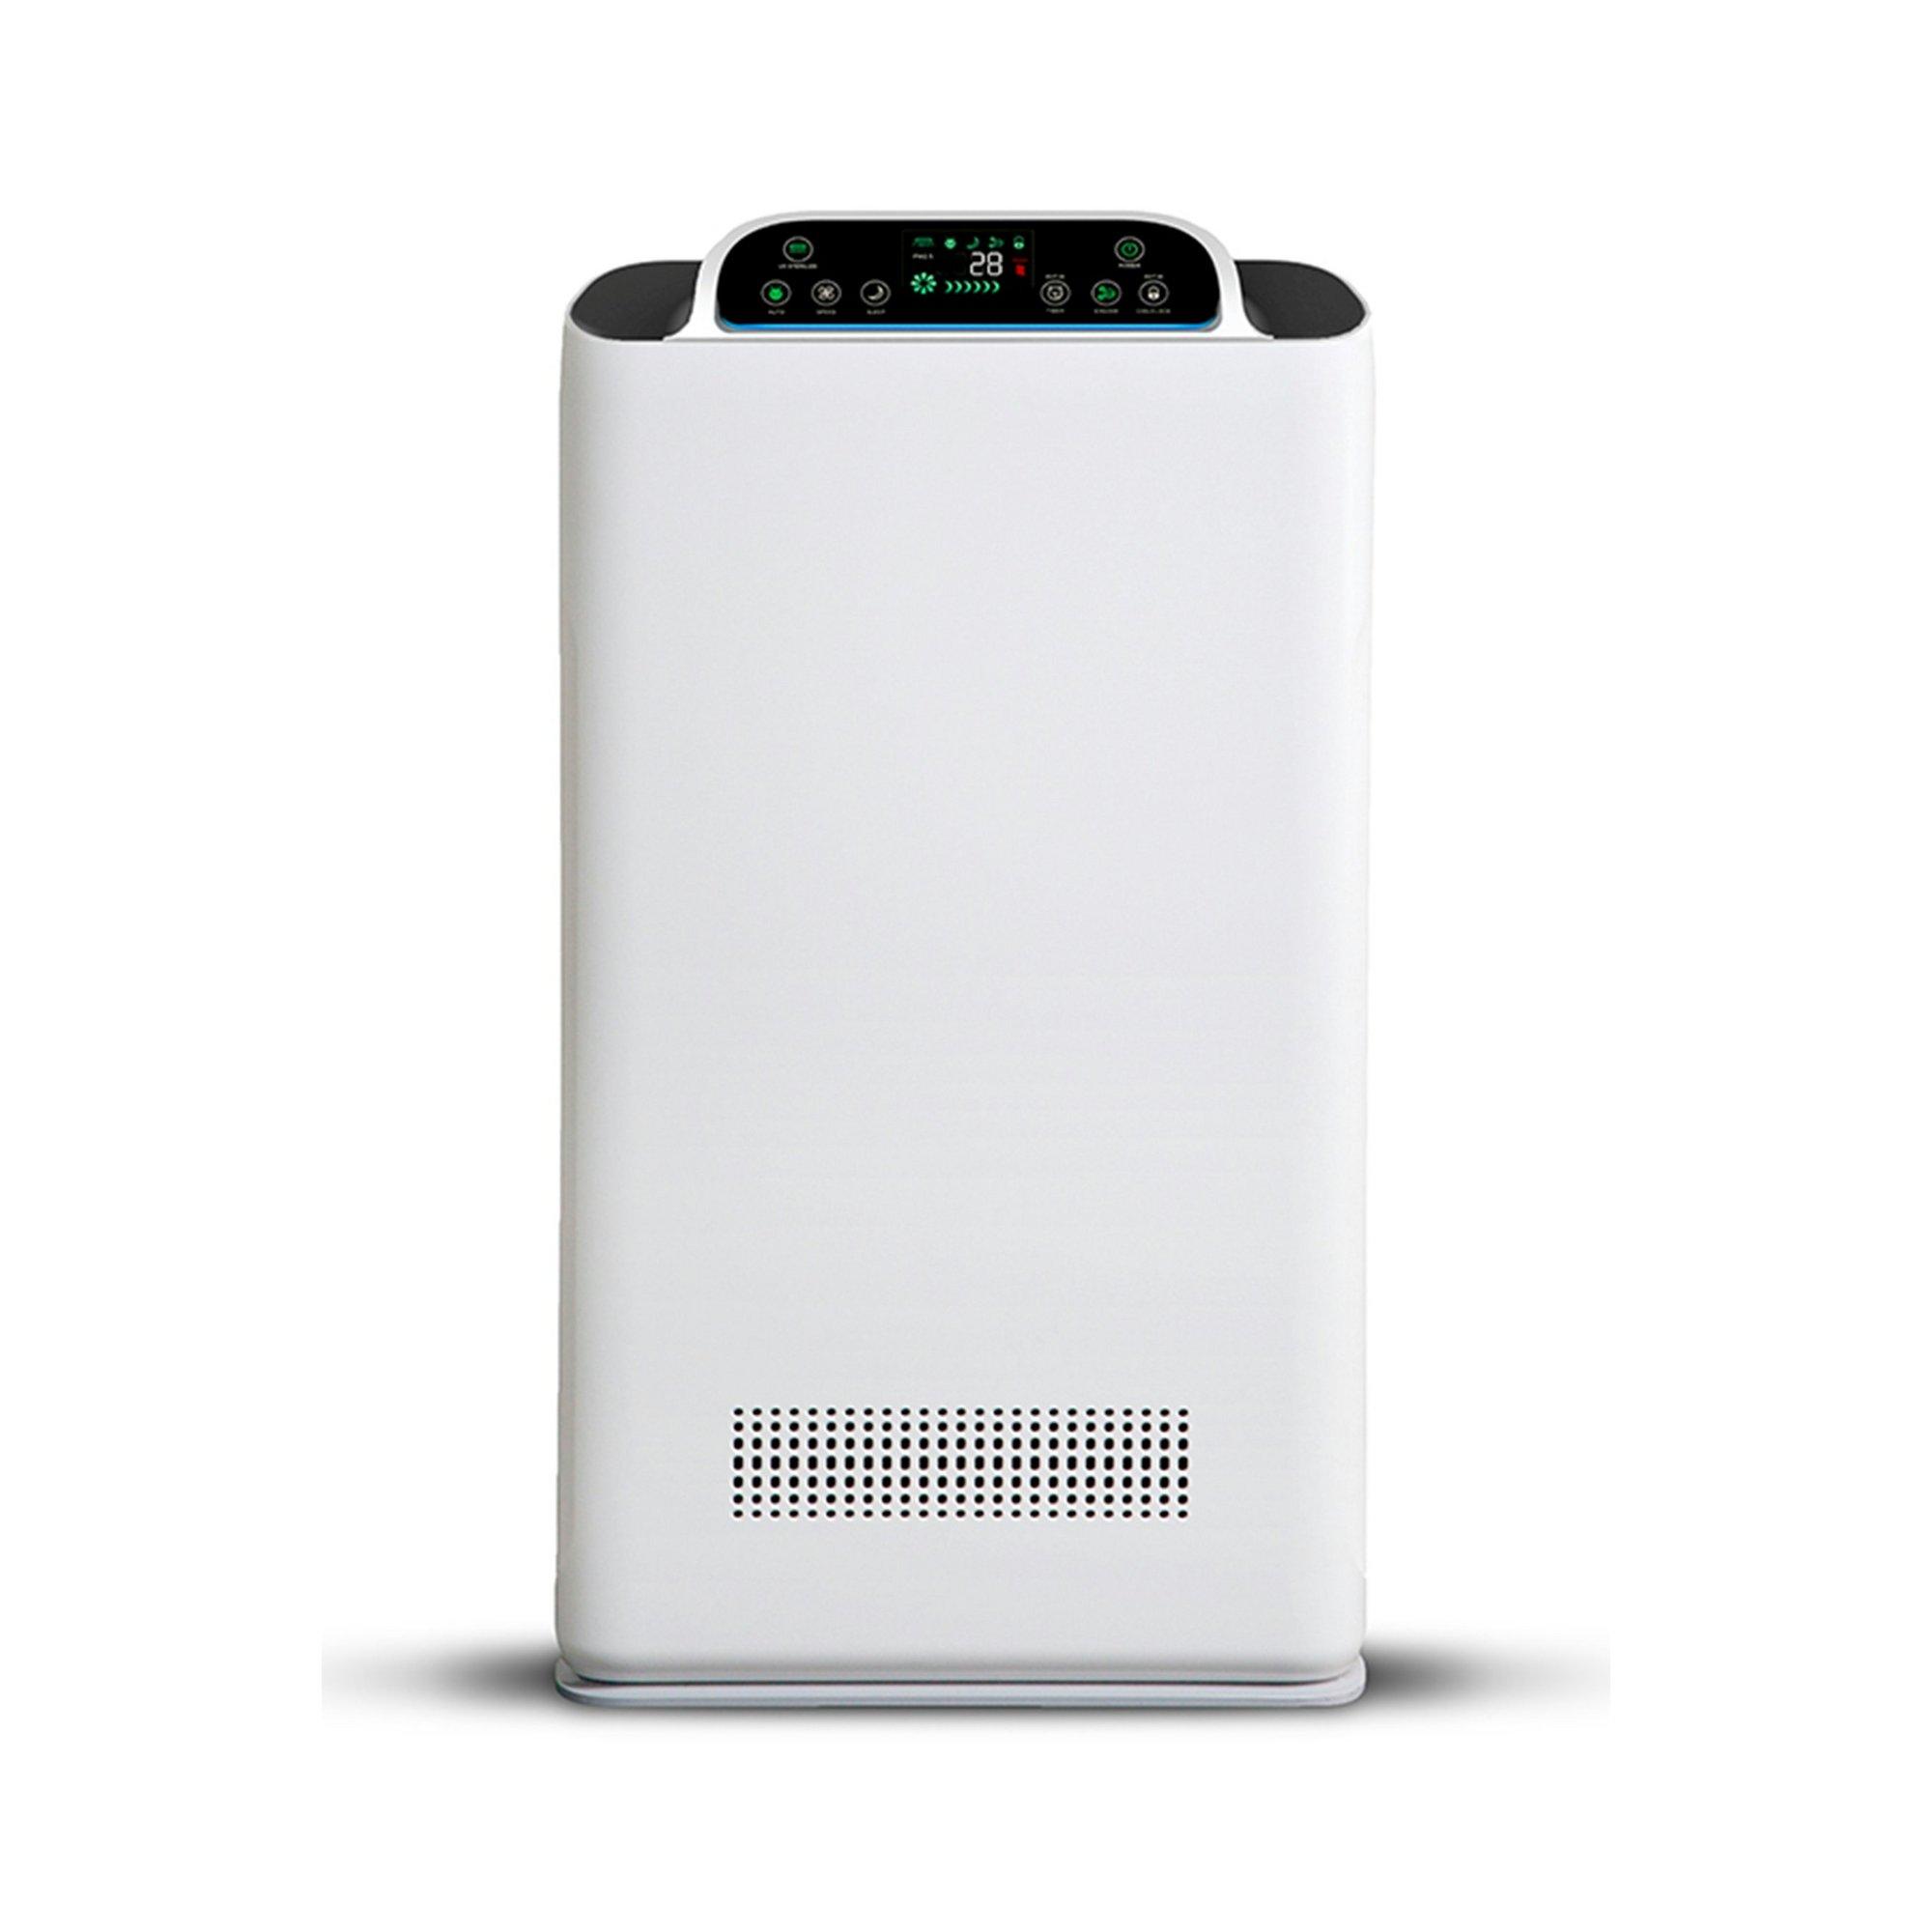 Image of Kalorik 7 Stage Air Purifier